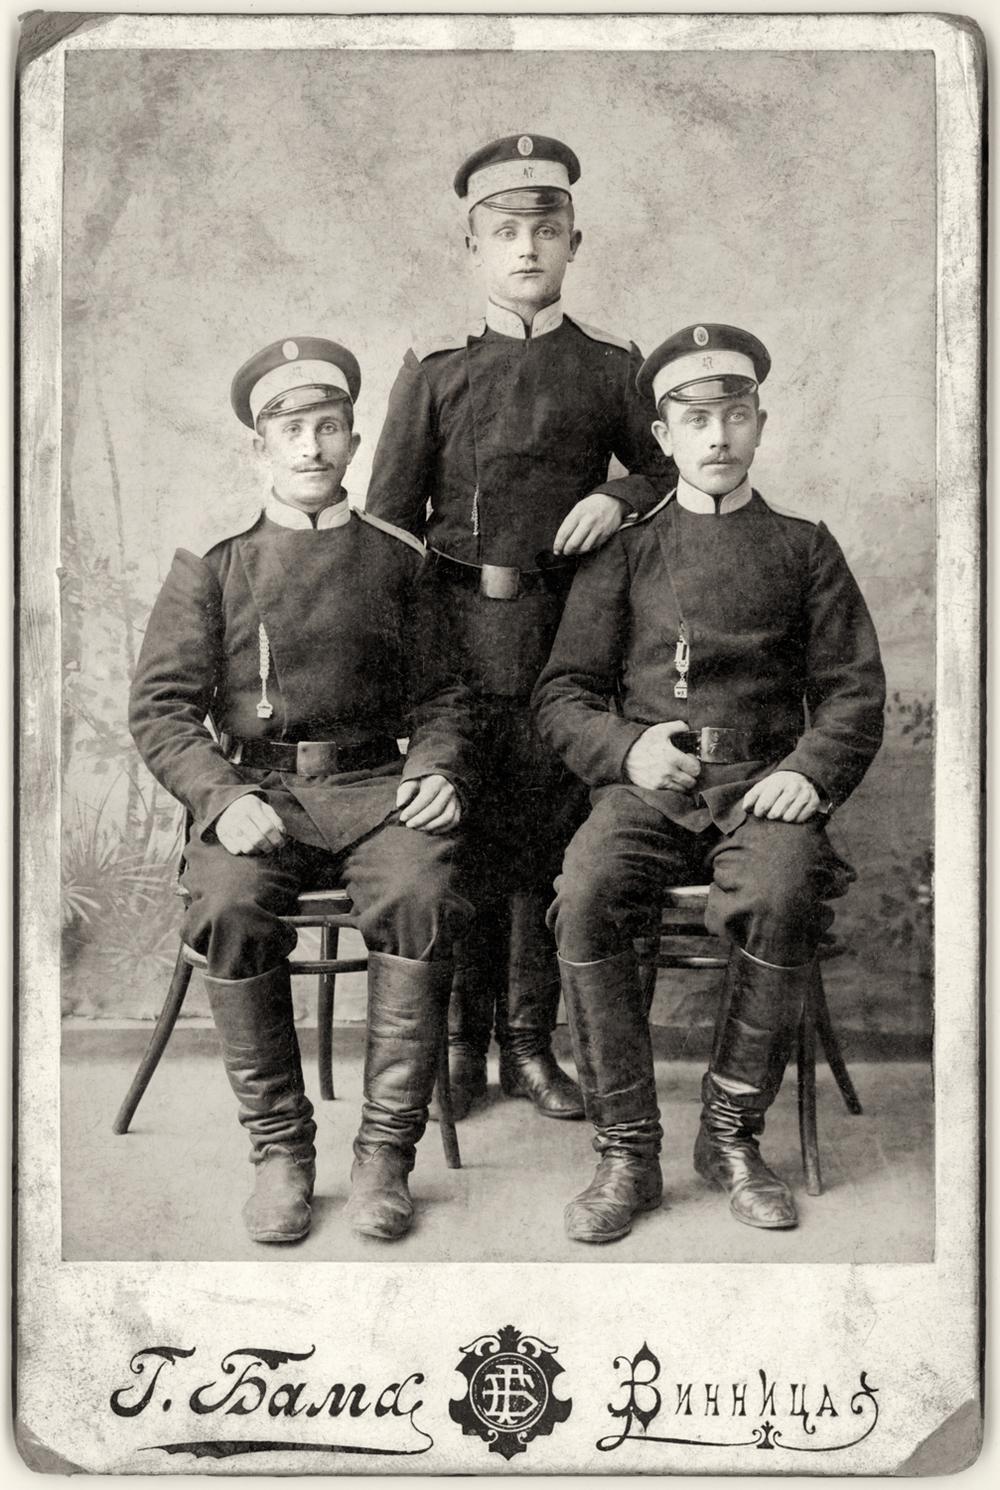 Max Lazarus (lower right)